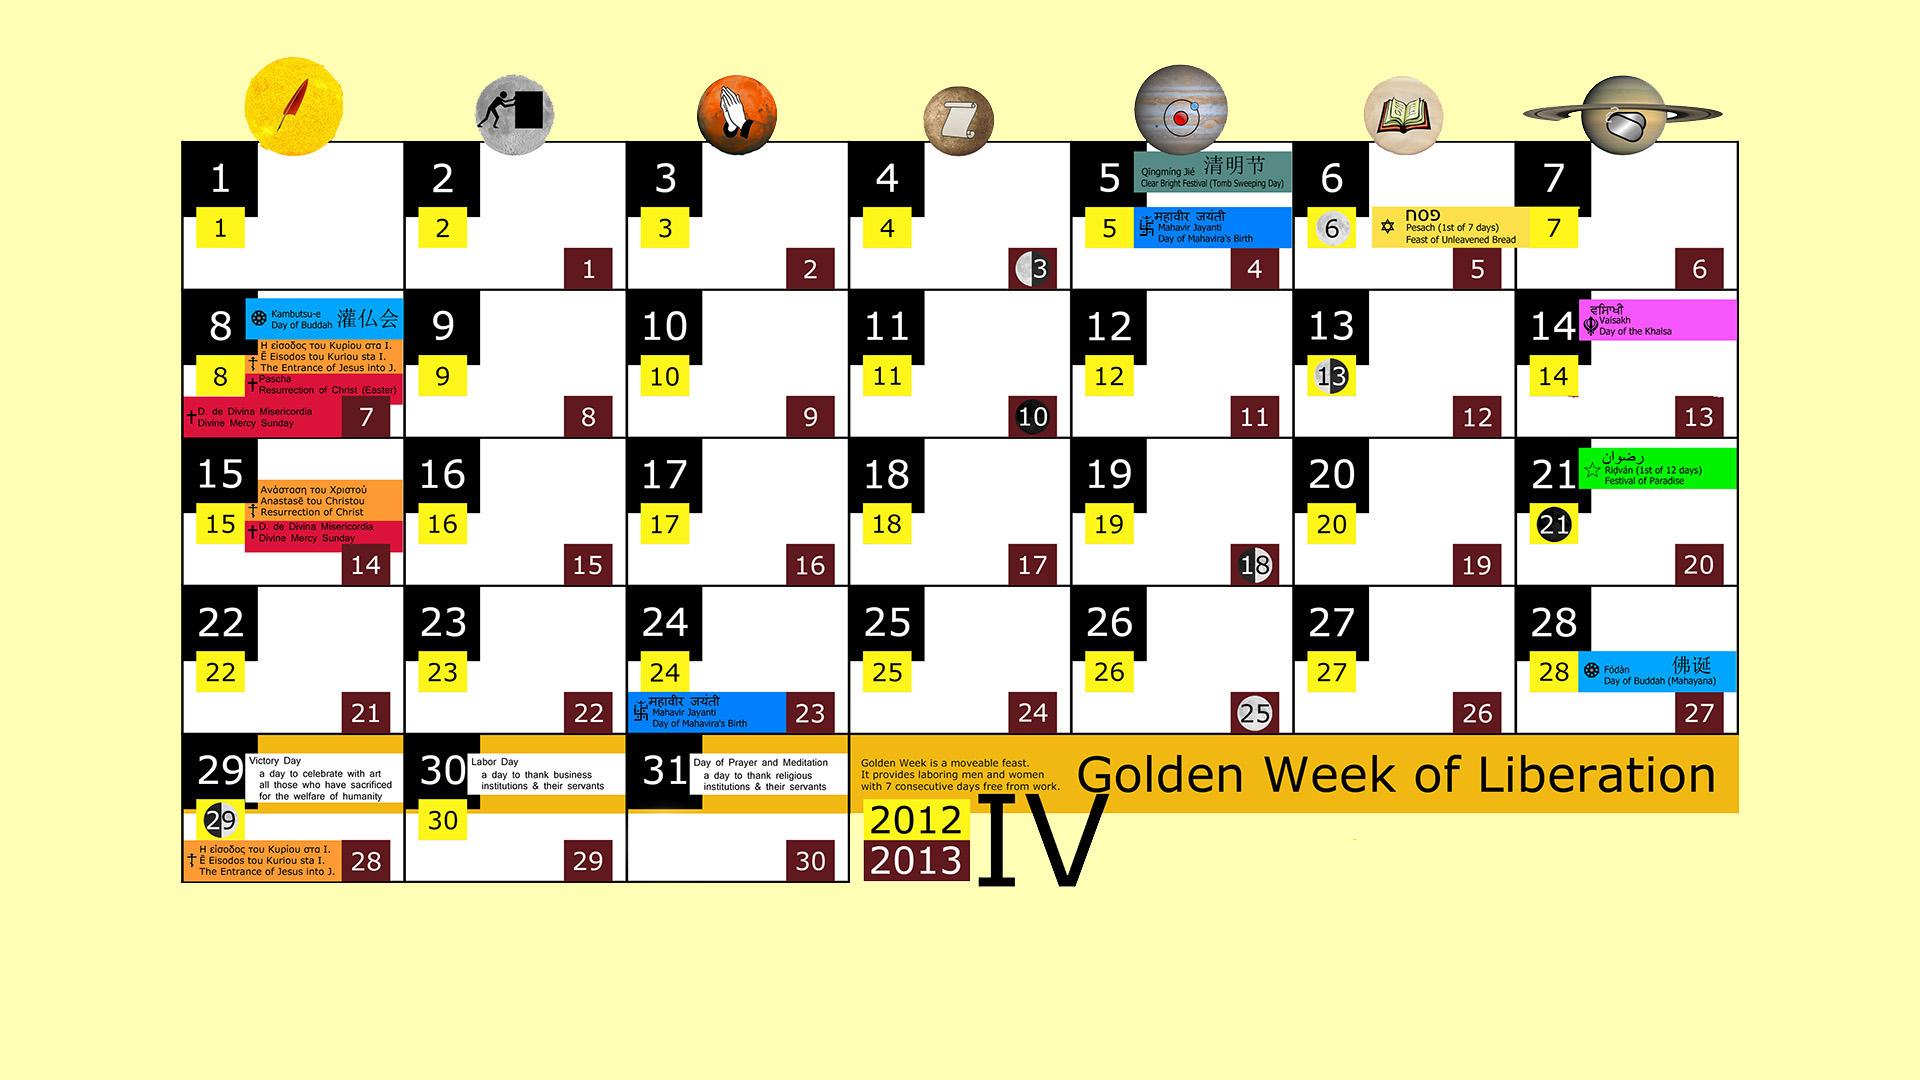 Miesięczny kalendarz świąt na kwiecień 2012 and 2013 na żółtym tle